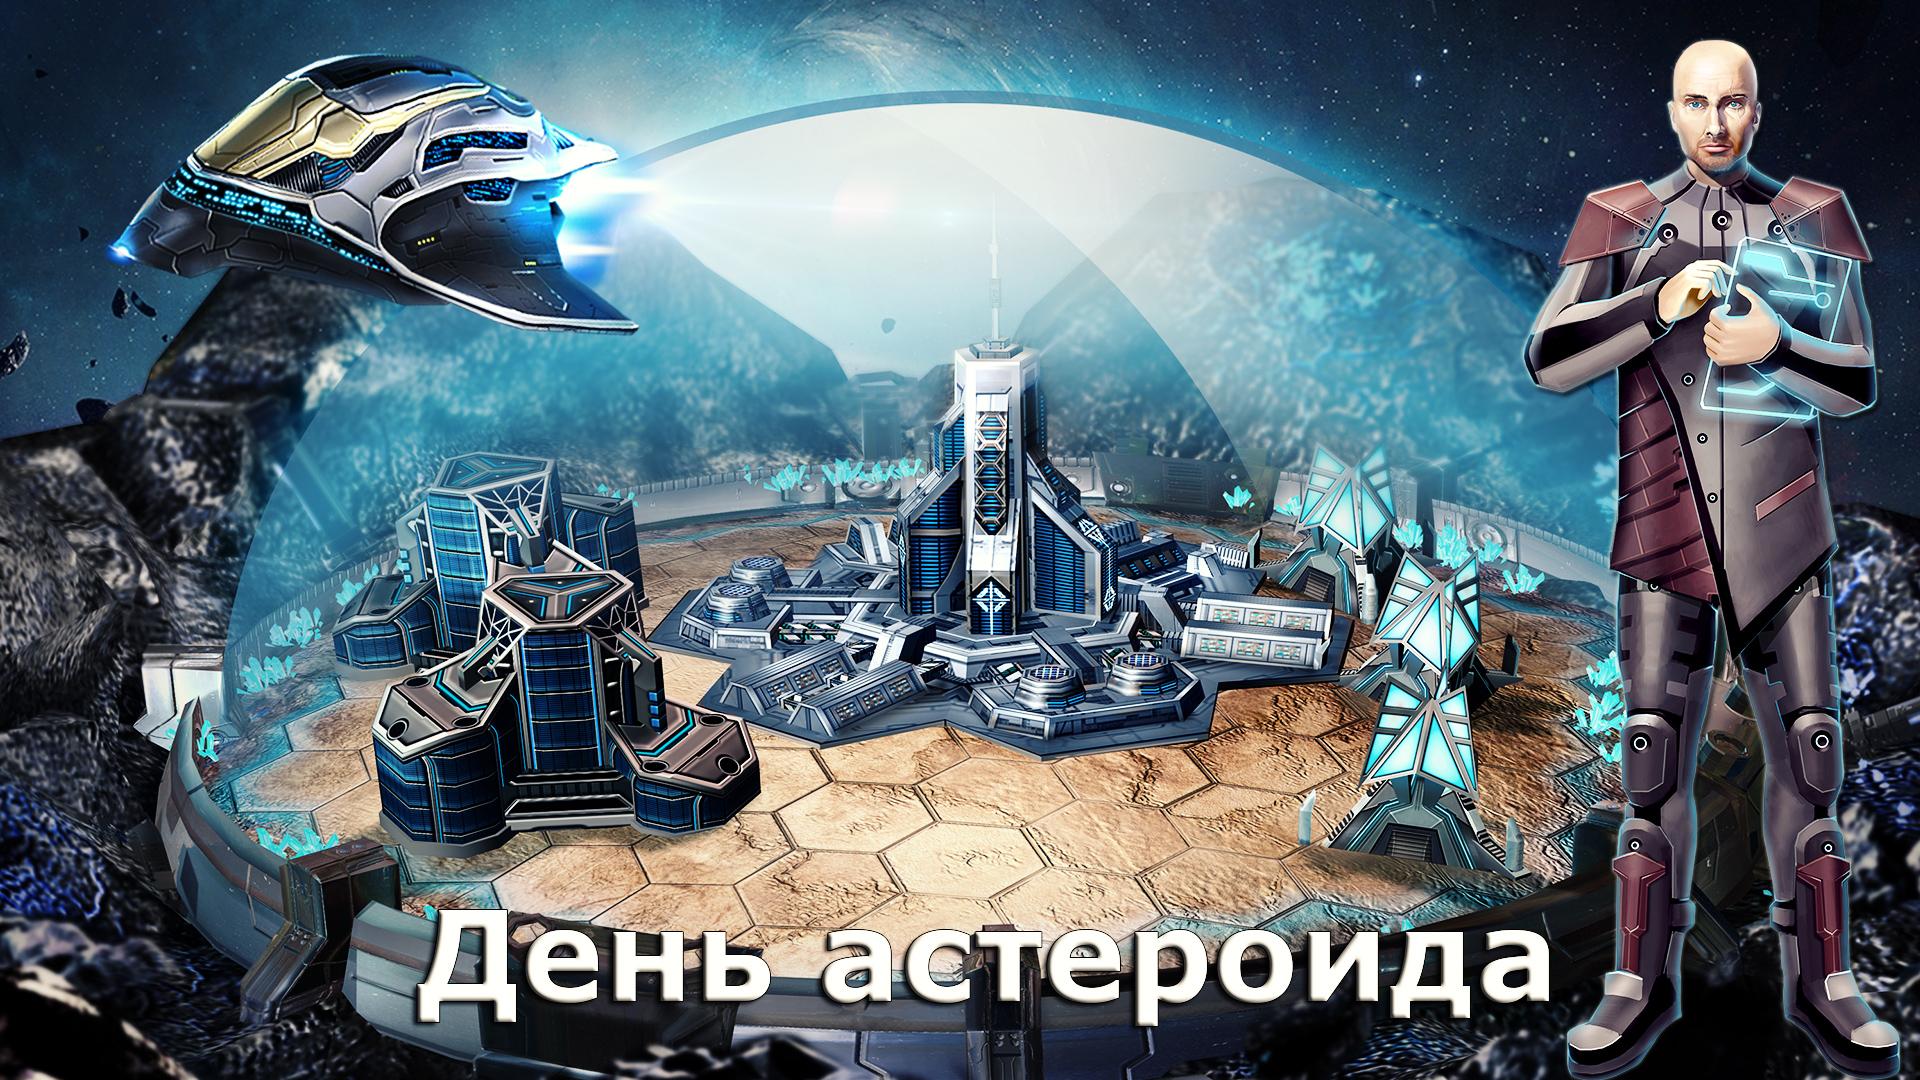 астролорды игра астероид день праздник стратегия ммо